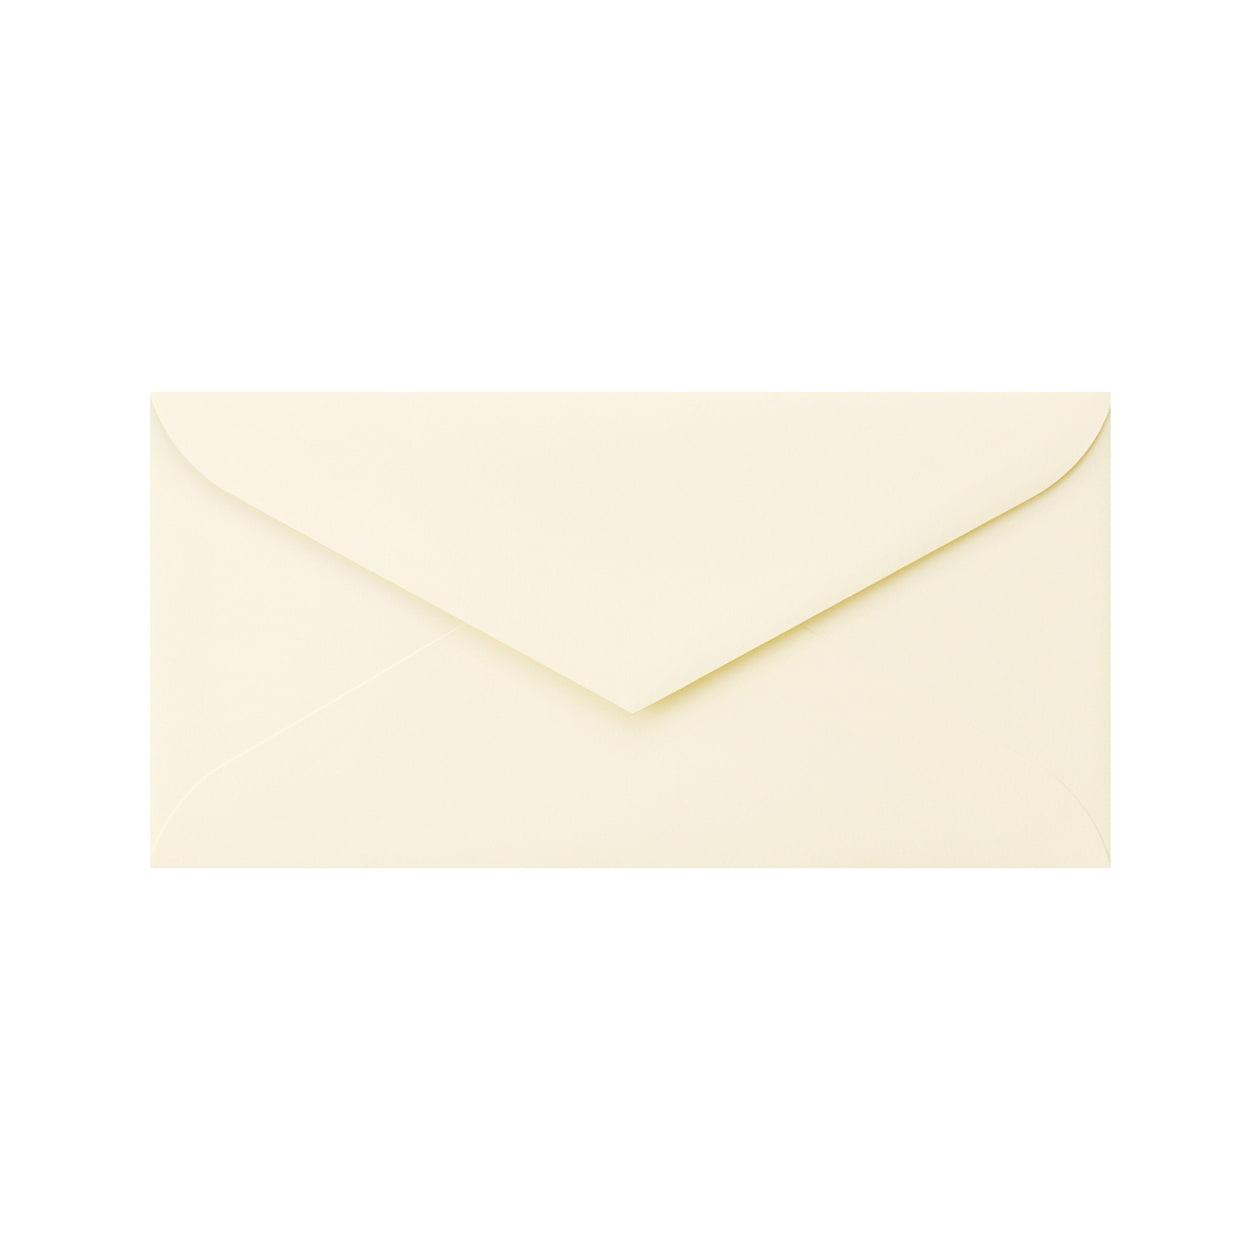 DLダイア封筒 コットン ナチュラル 116.3g